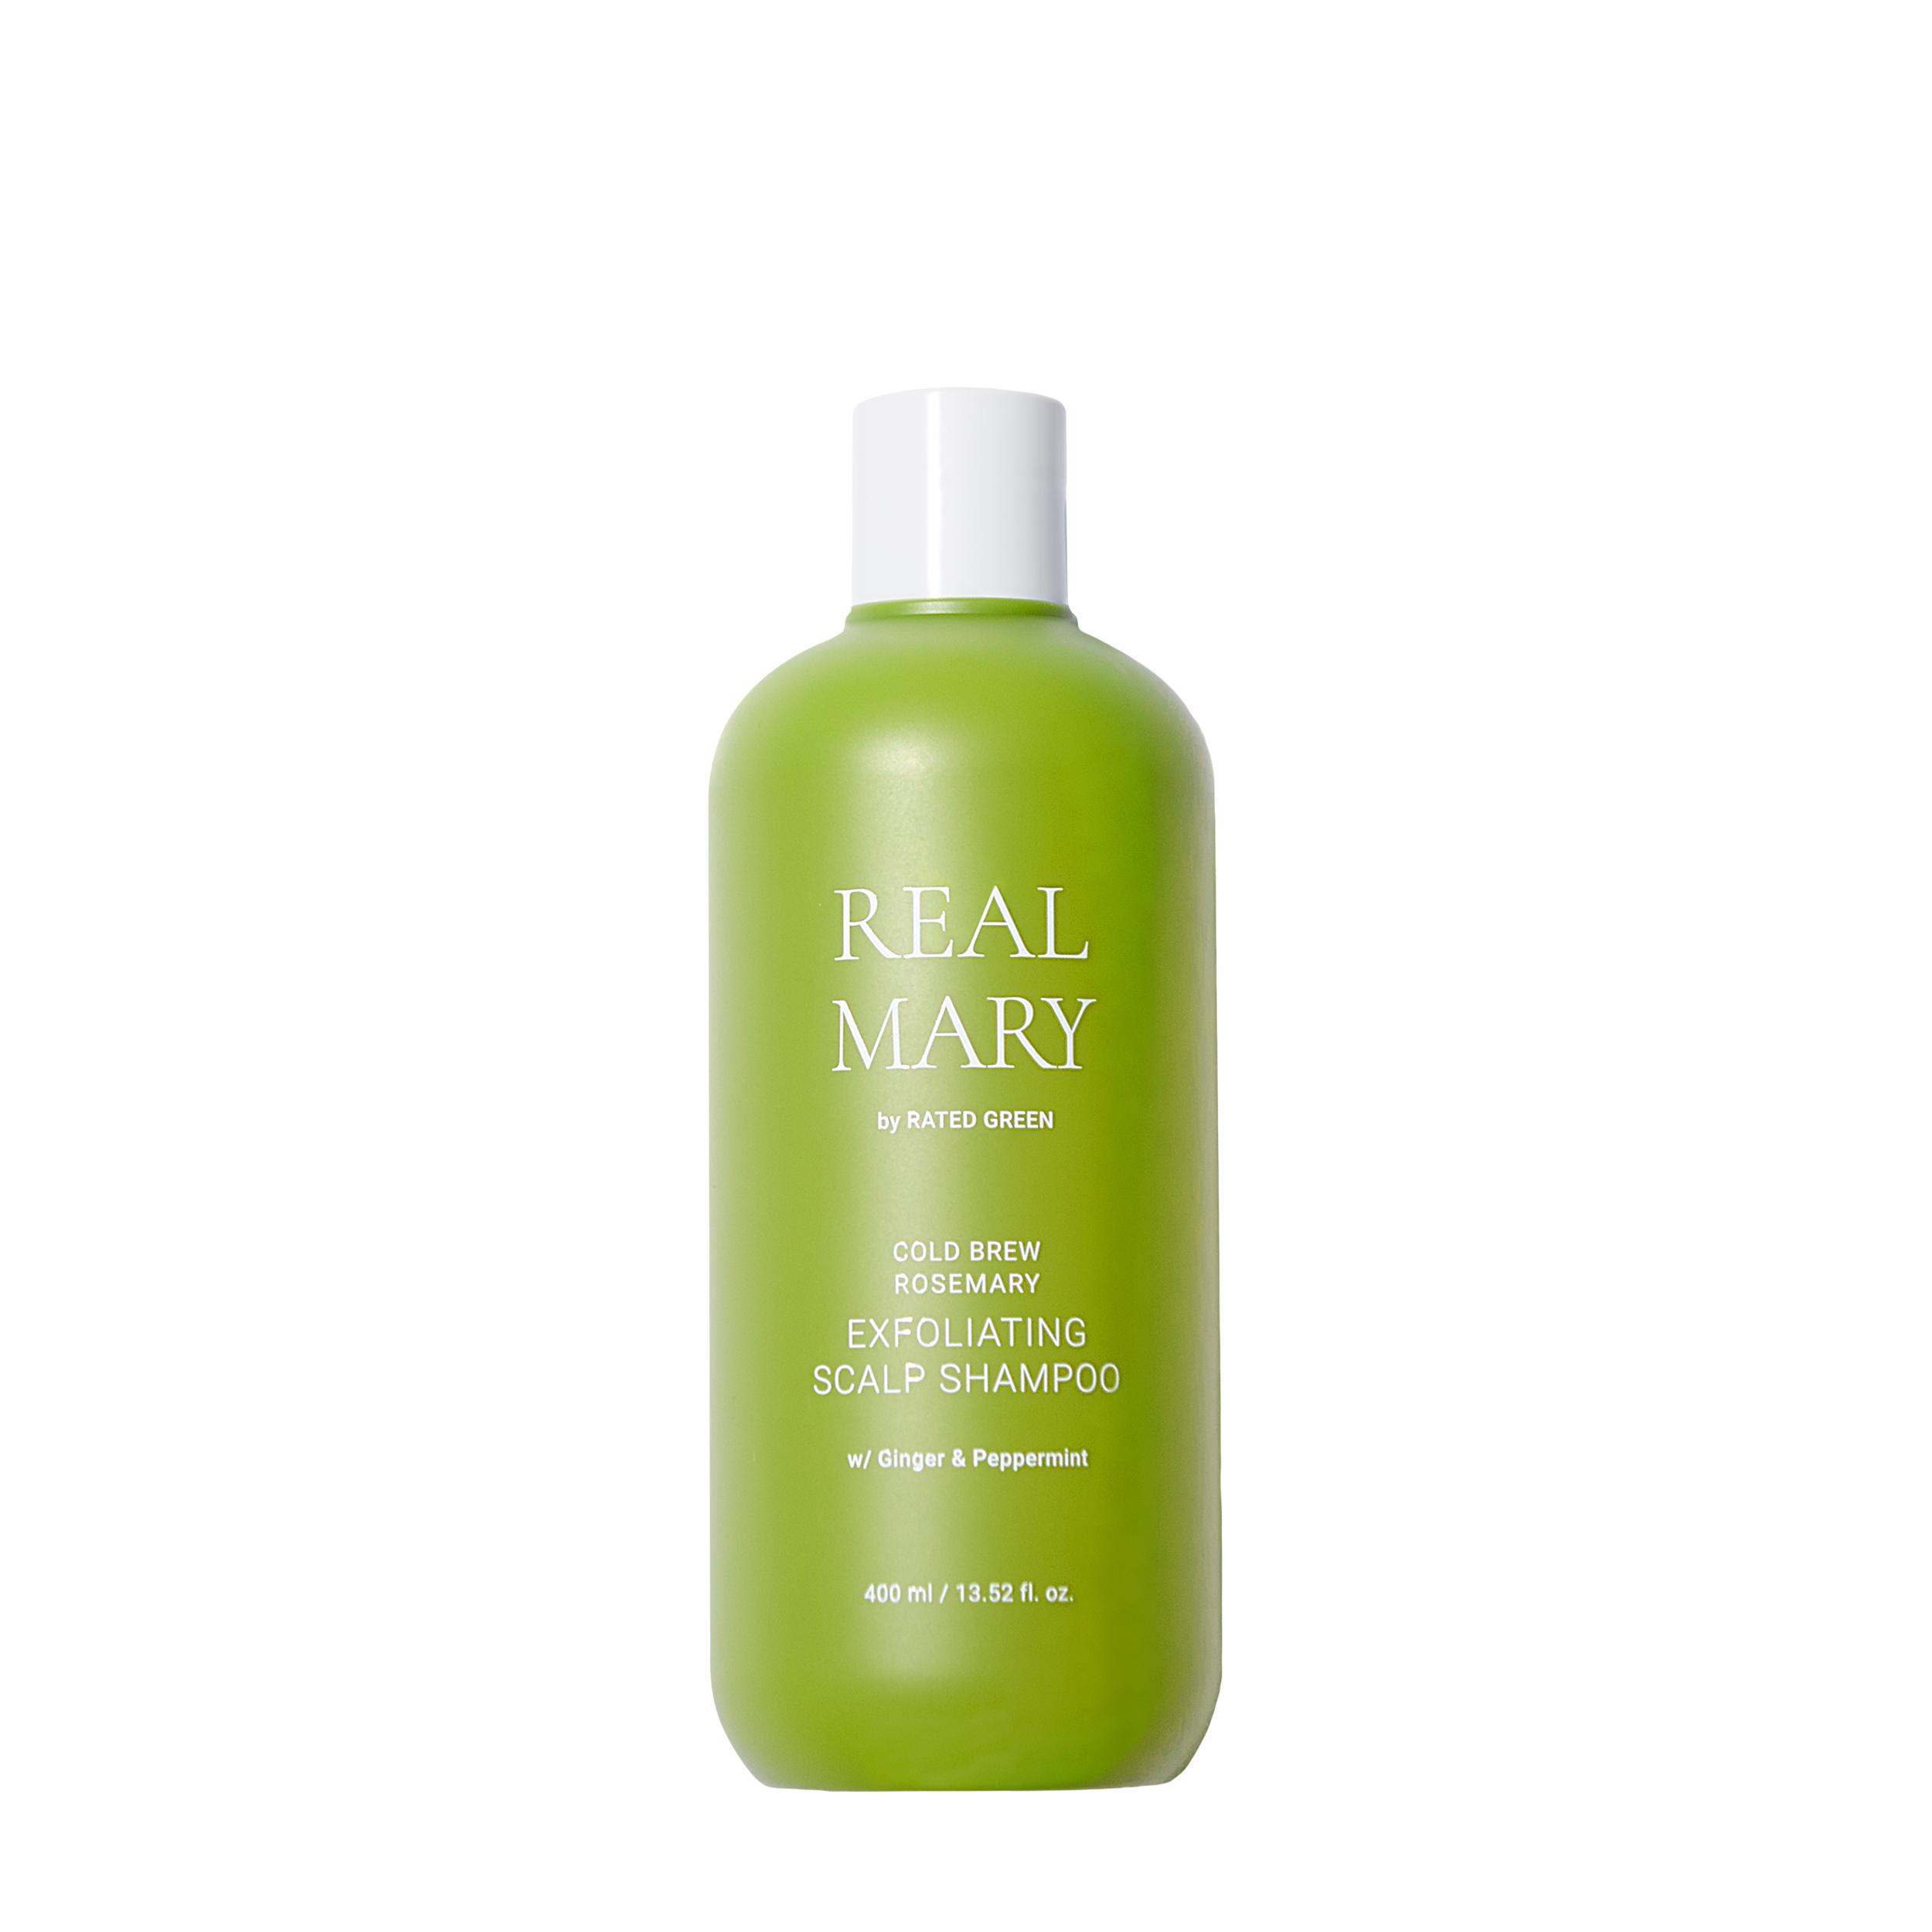 Купить Rated Green Очищающий и отшелушивающий шампунь для волос Real Mary Exfoliating Scalp Shampoo